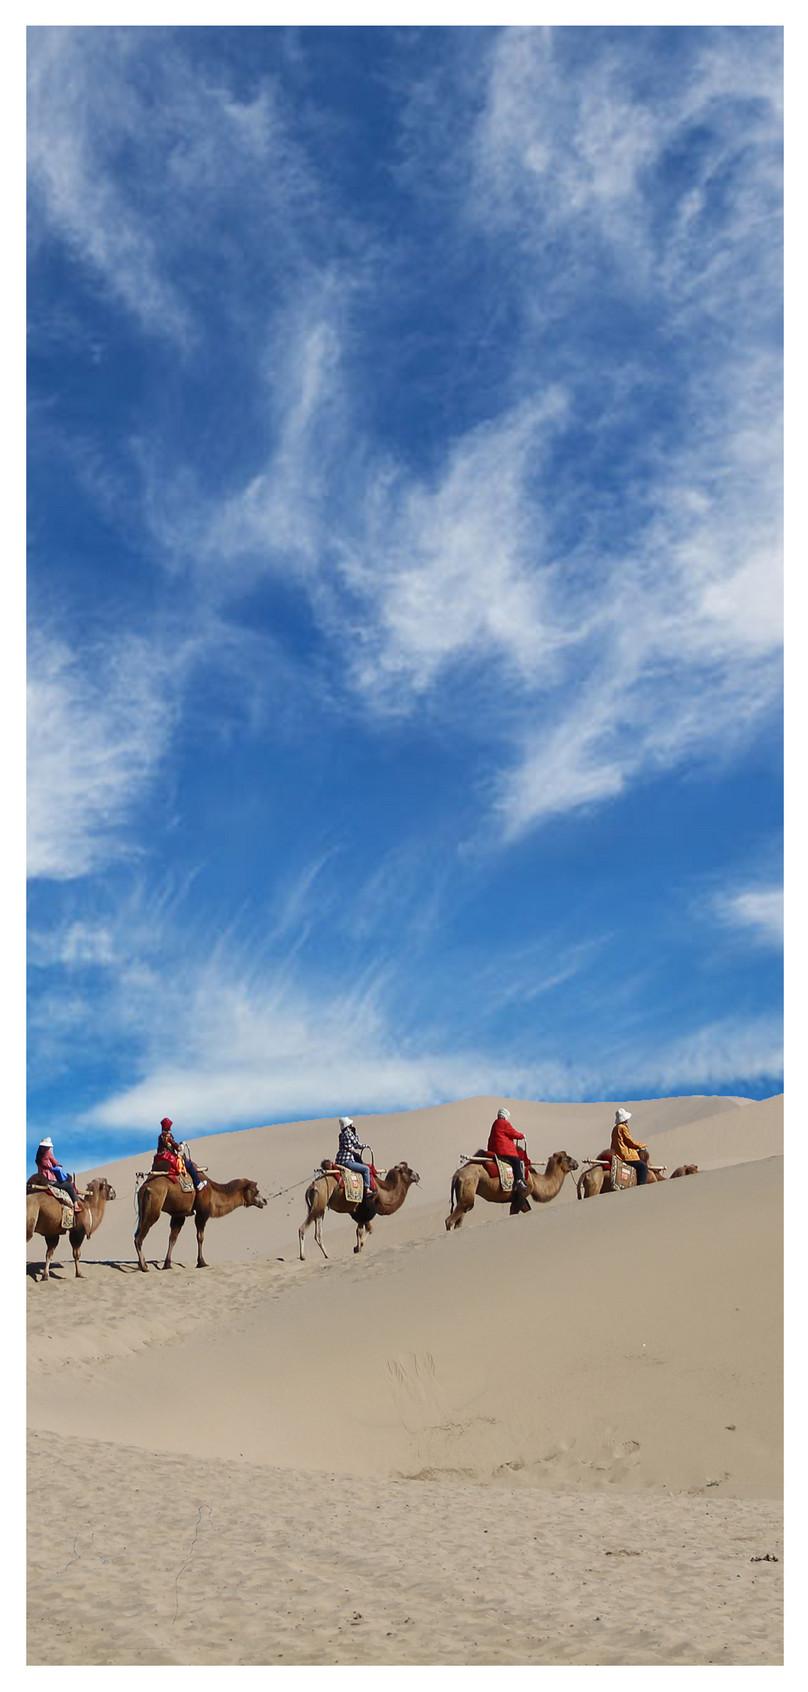 Desert Camel Mobile Phone Wallpaper Backgrounds